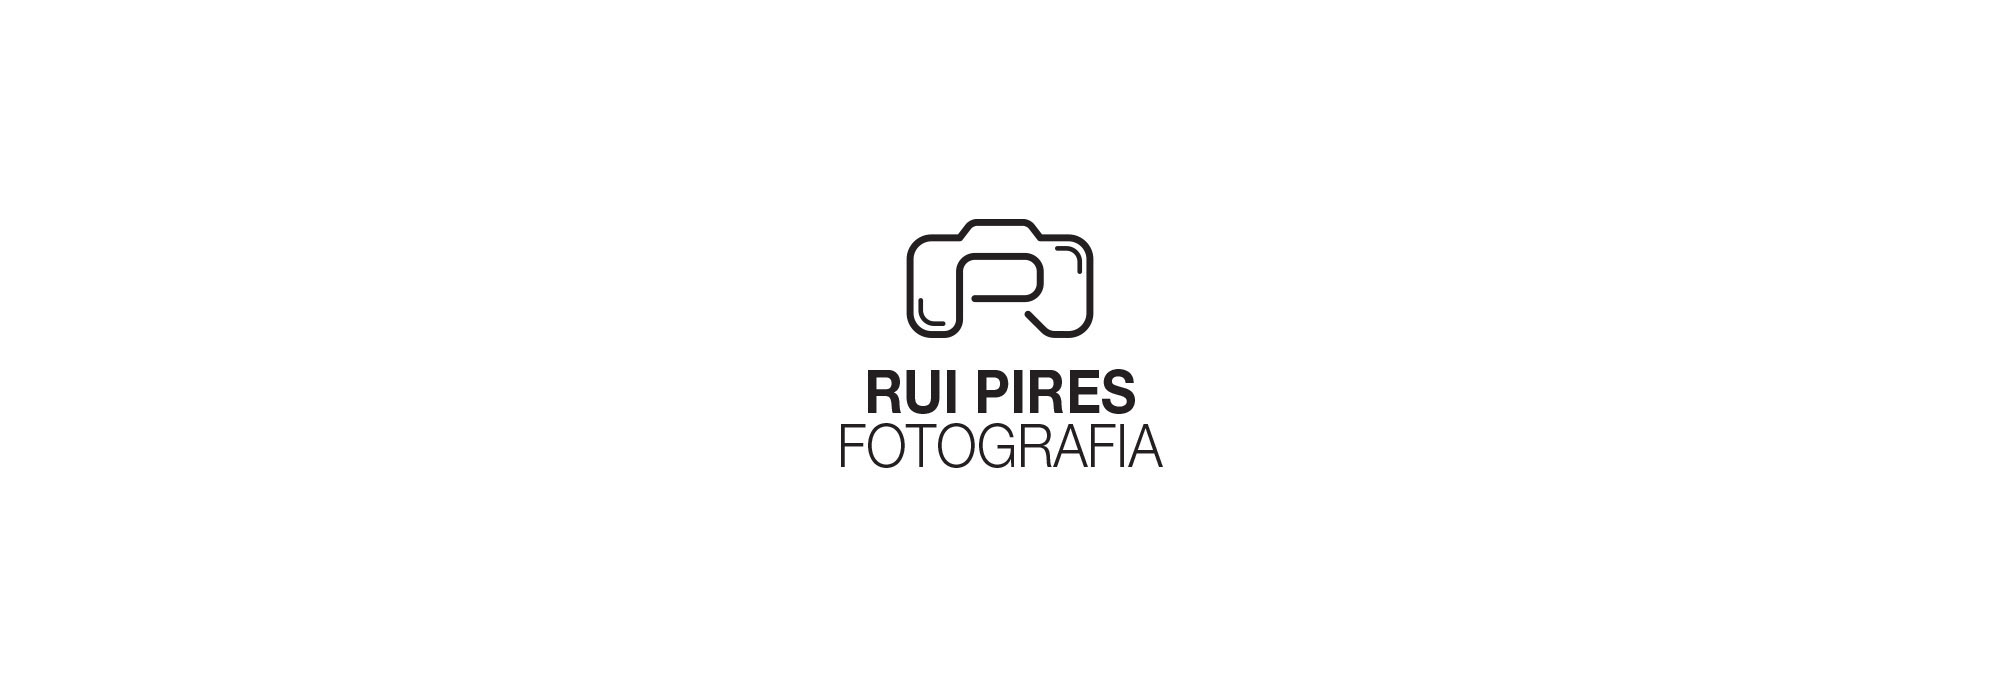 rui-pires02